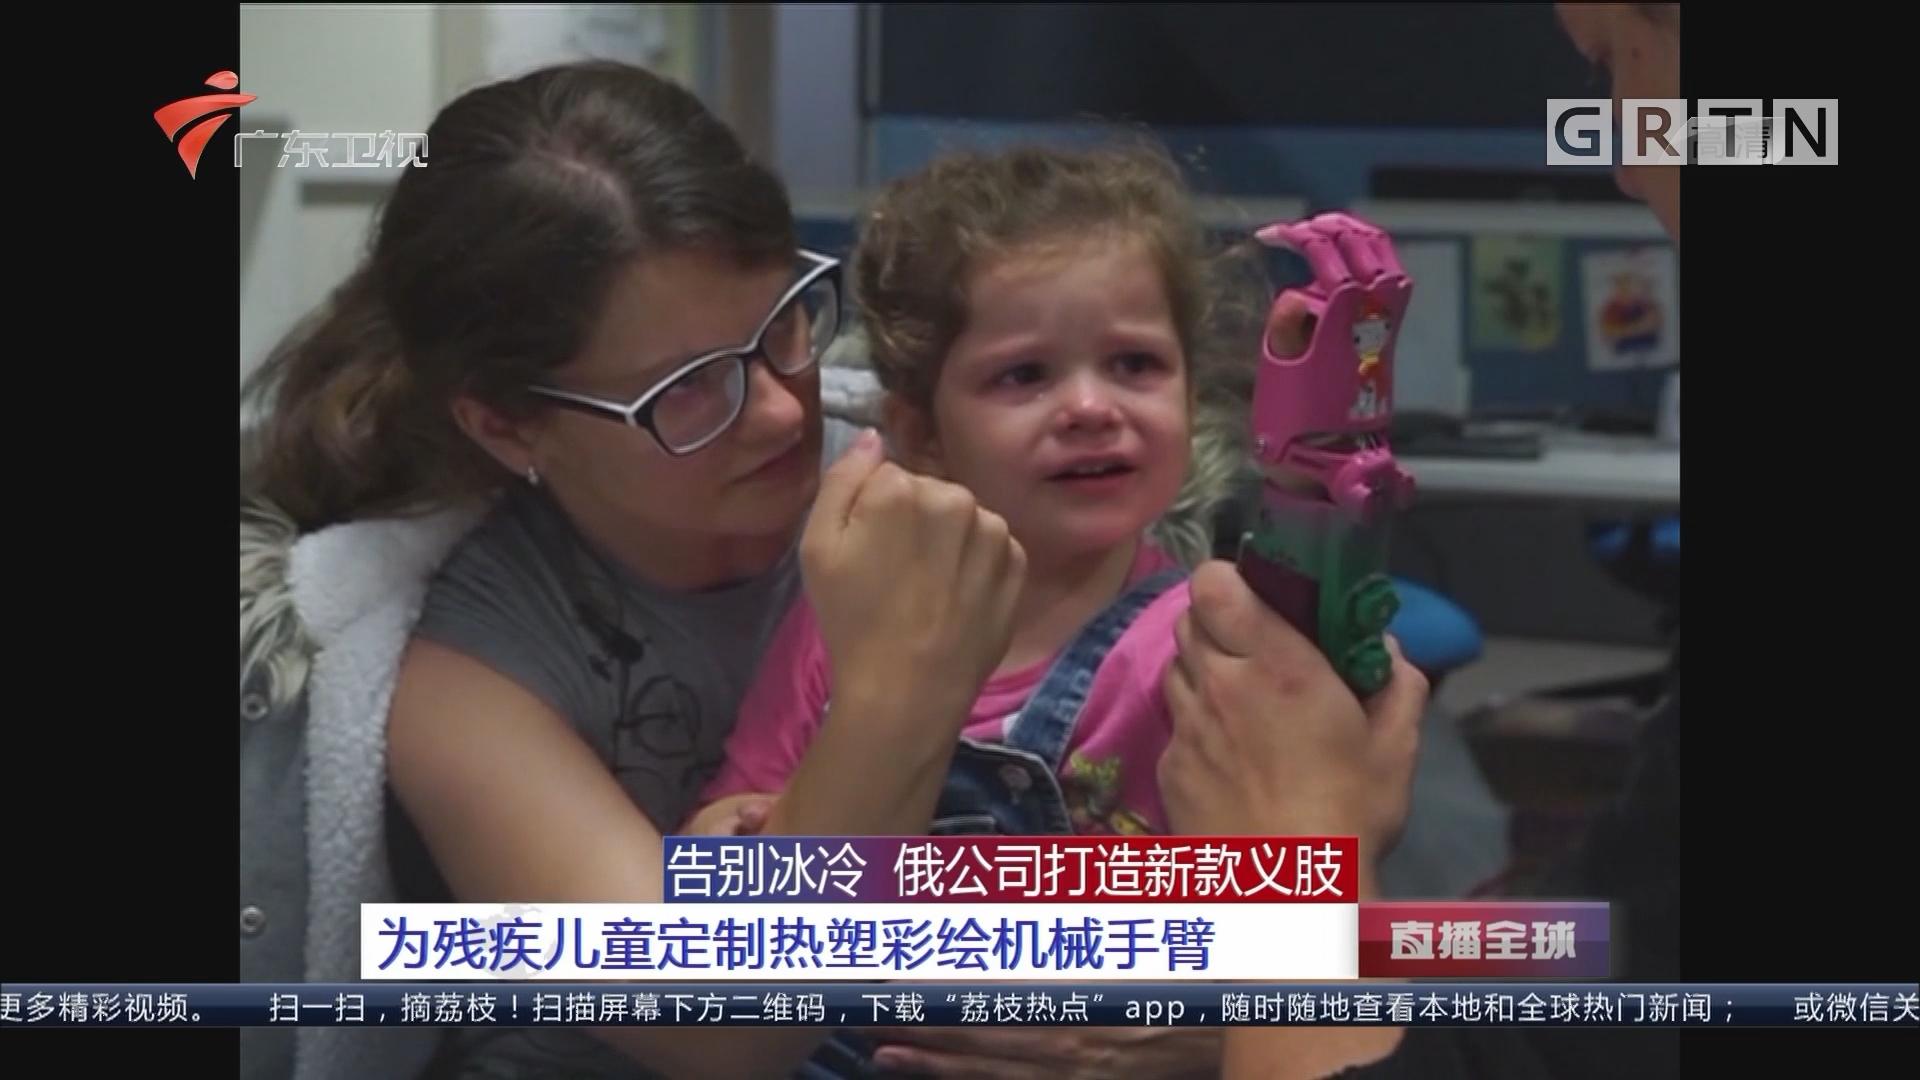 告别冰冷 俄公司打造新款义肢:为残疾儿童定制热塑彩绘机械手臂